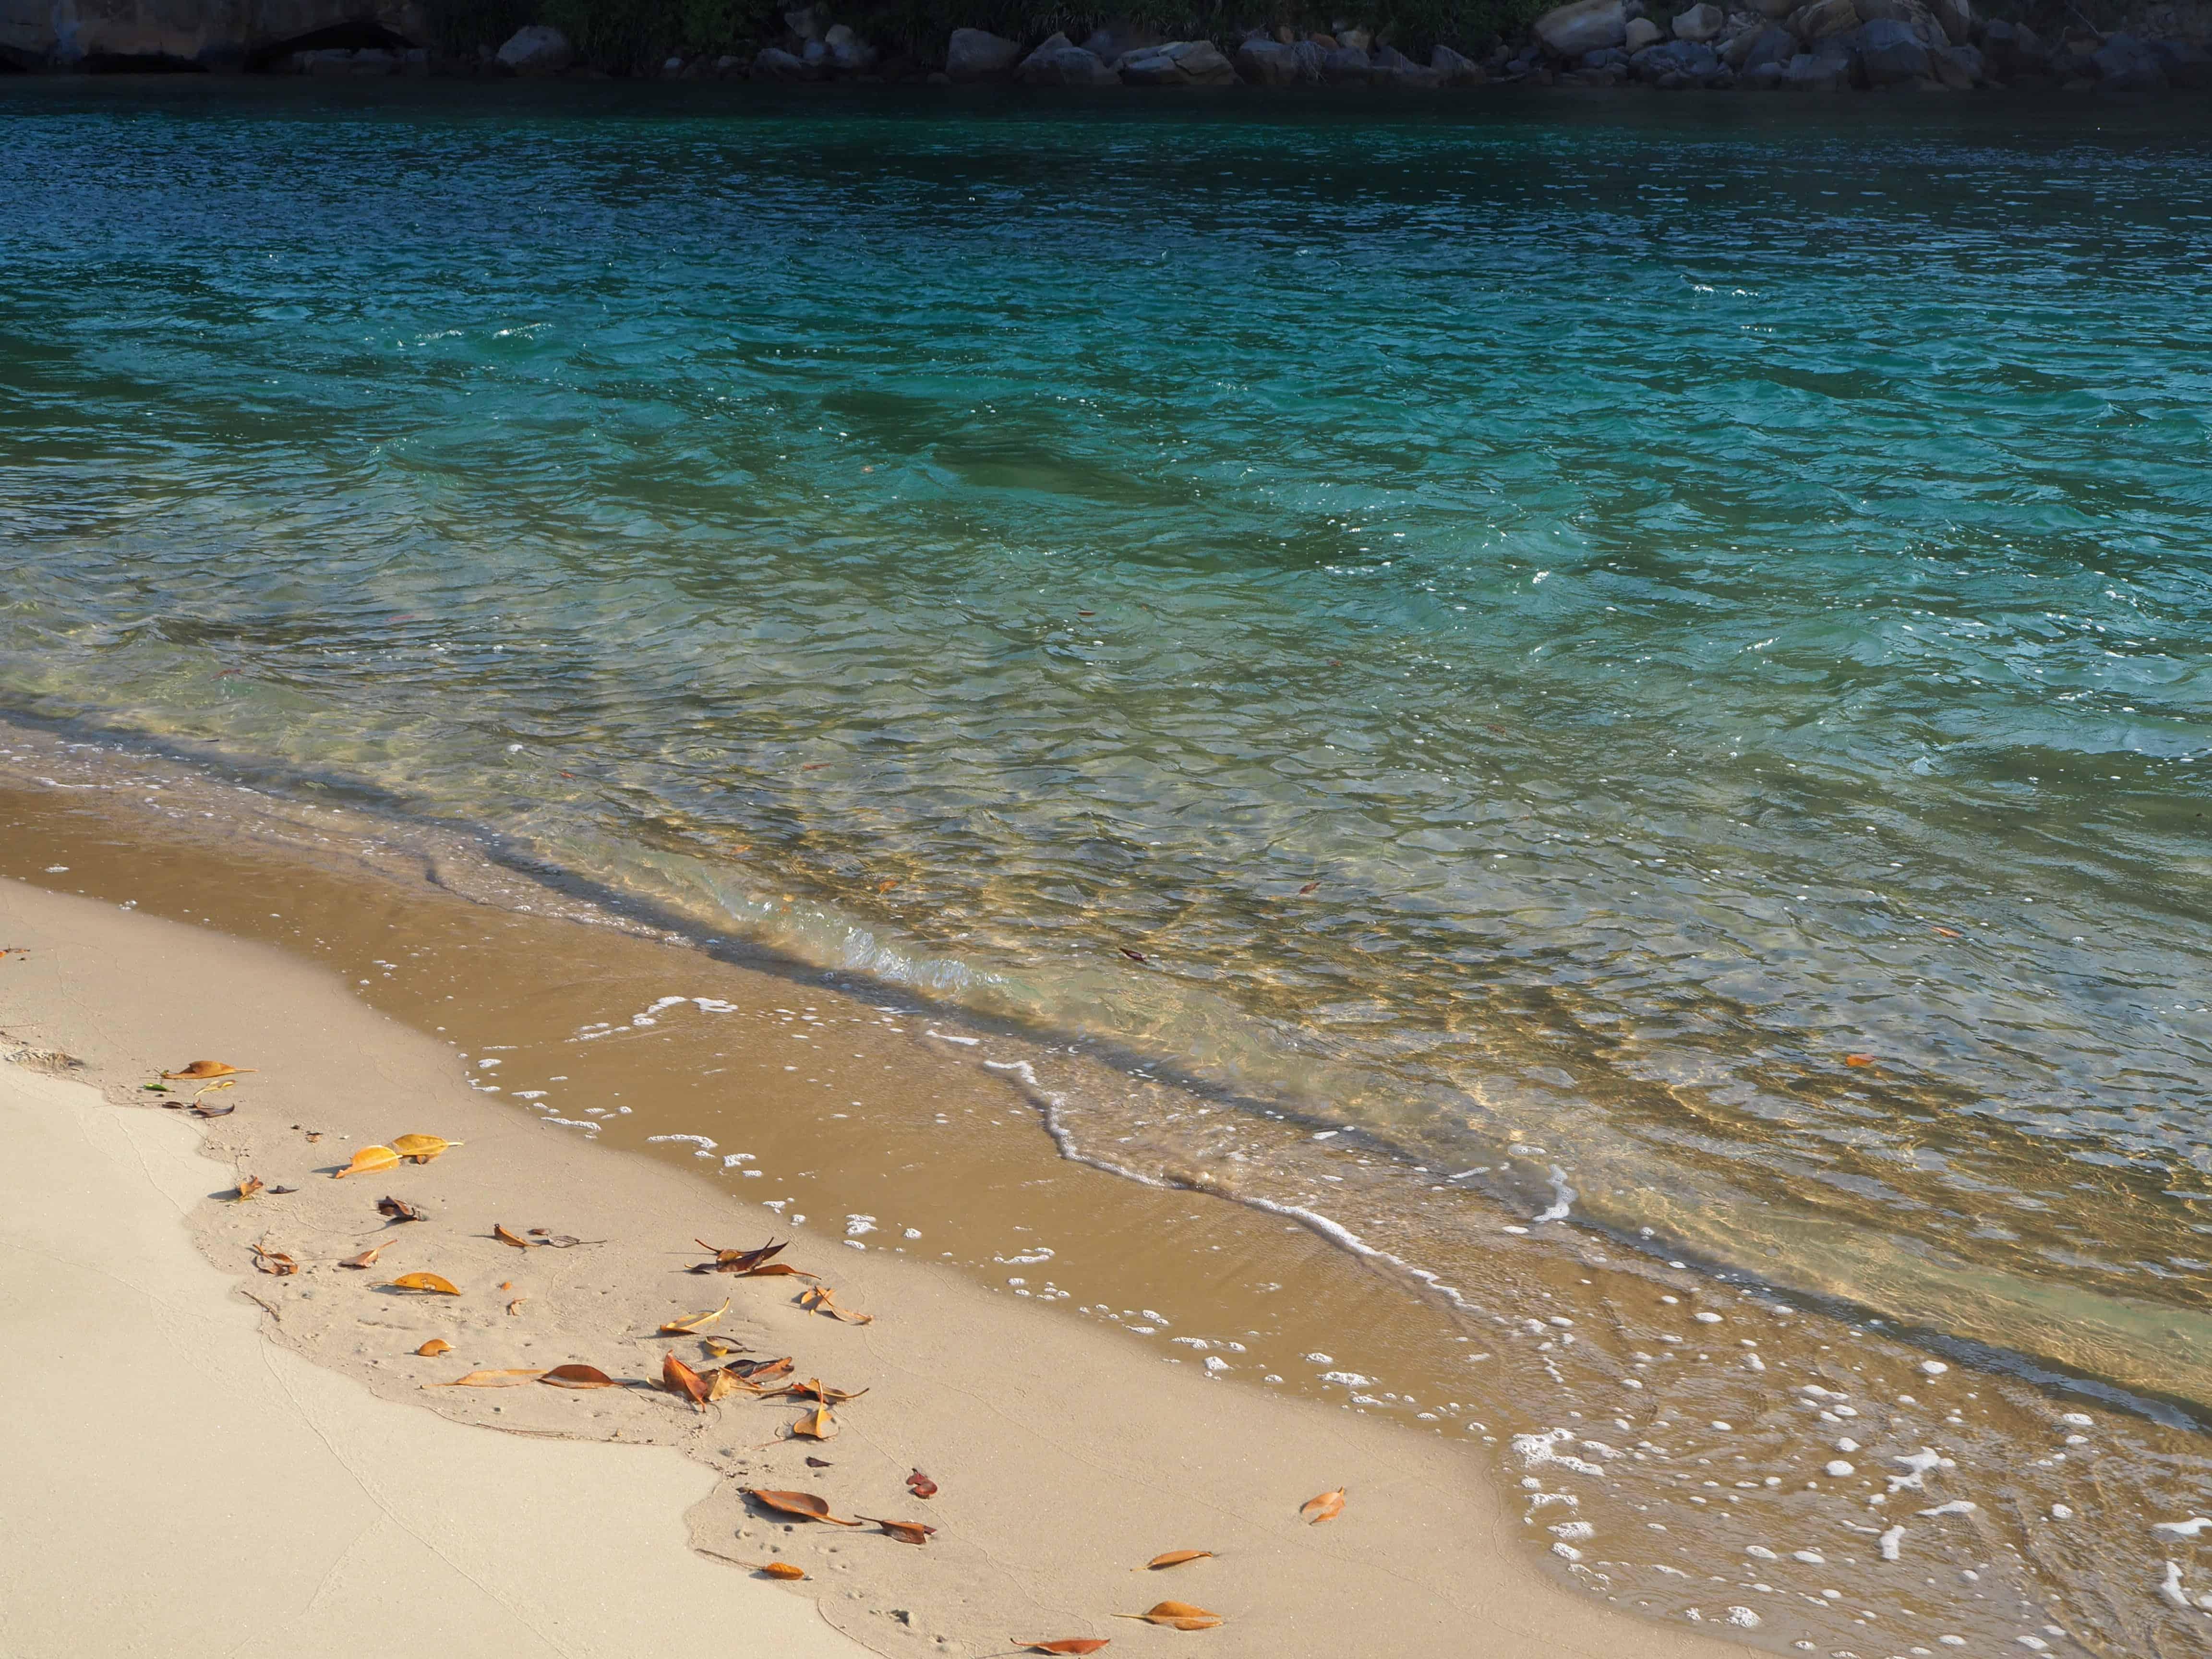 eau bleue turquoise